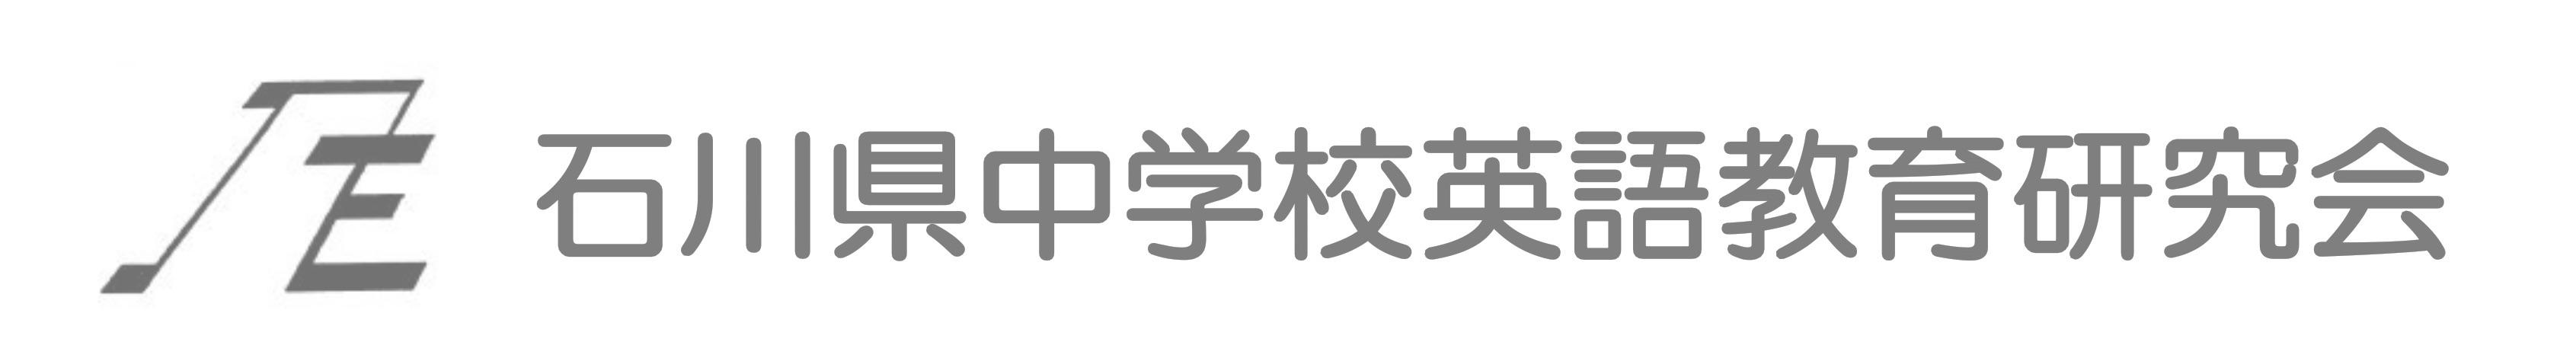 石川県中学校英語教育研究会